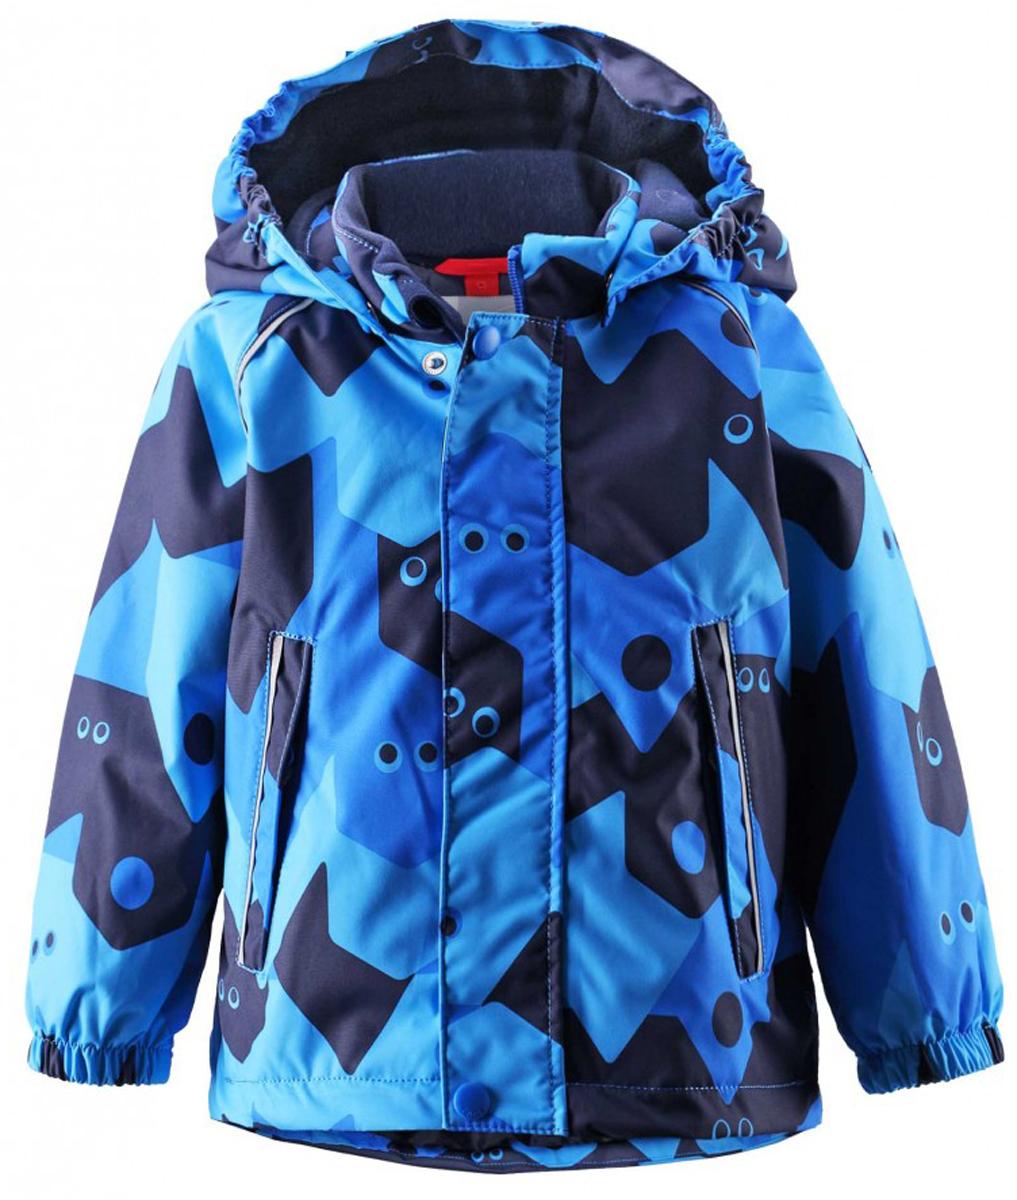 Куртка детская Reima Reimatec Pirtti, цвет: голубой. 511229C-6561. Размер 80511229C-6561Непромокаемая зимняя куртка для малышей с веселым рисунком просто создана для зимних приключений! Она изготовлена из водо- и ветронепроницаемого материала с грязеотталкивающей поверхностью. Все швы в куртке Reimatec проклеены и водонепроницаемы, так что непогода не помешает веселым зимним играм! Материал хорошо пропускает воздух, сколько ни бегай - в этой куртке не вспотеешь. Куртку с подкладкой из гладкого полиэстера очень легко надевать и носить с теплым промежуточным слоем. С помощью удобной системы кнопок Play Layers к этой куртке можно присоединять разные модели флисовых курток, которые подарят вашему ребенку дополнительное тепло и комфорт в холодные дни. Съемный регулируемый капюшон защищает от пронизывающего ветра и безопасен во время игр на свежем воздухе. Кнопки легко отстегиваются, если капюшон случайно за что-нибудь зацепится. Капюшон с подкладкой из мягкого полиэстера с начесом. Карманы на молнии сохранят маленькие сокровища, найденные во время прогулки, а светоотражающие детали позволяют хорошо видеть ребенка в темноте.